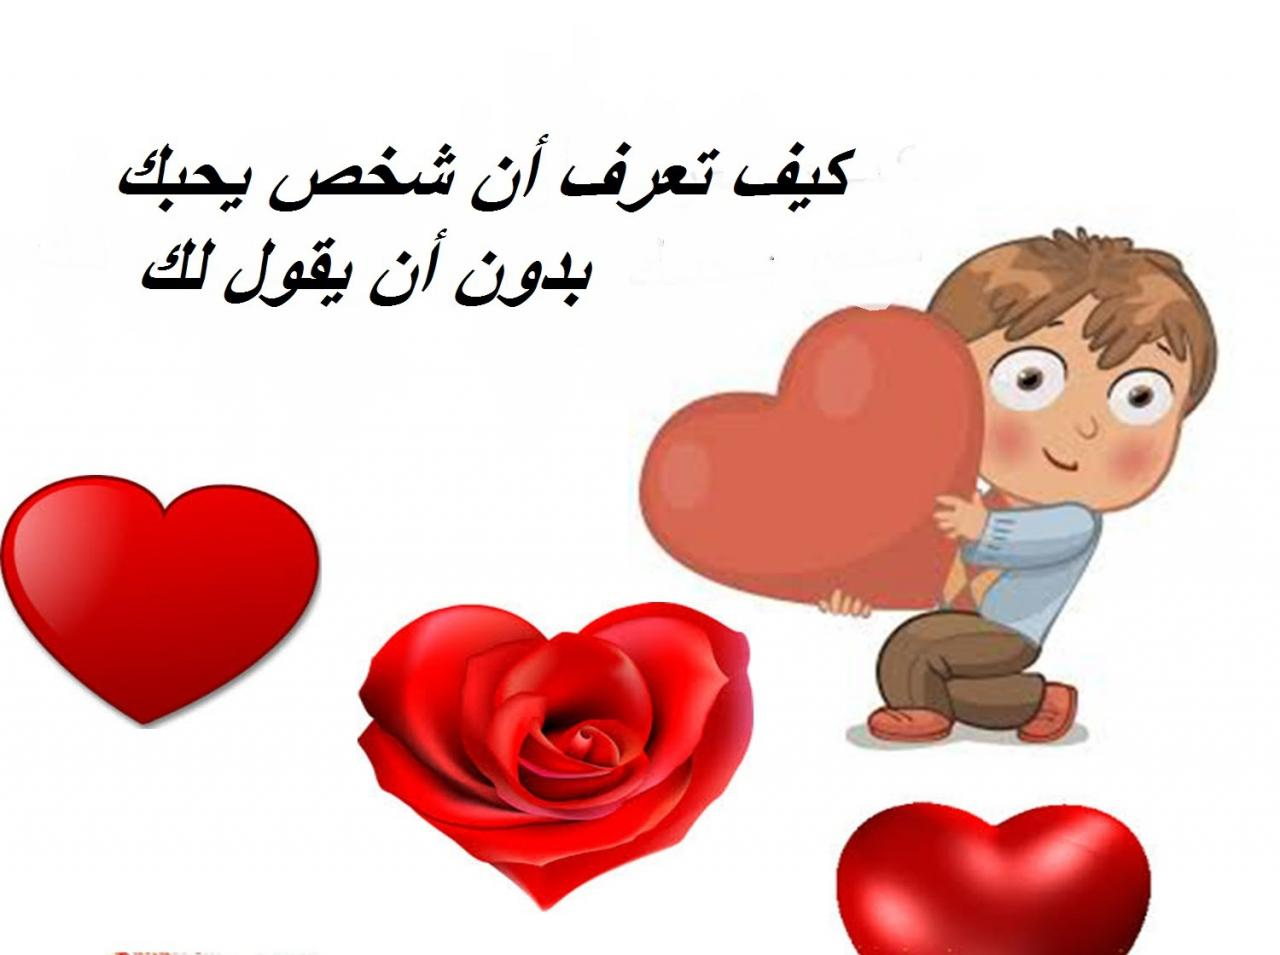 صورة كيف اعرف شخص يحبني بجنون , تعالا احبك حب مو علي البال